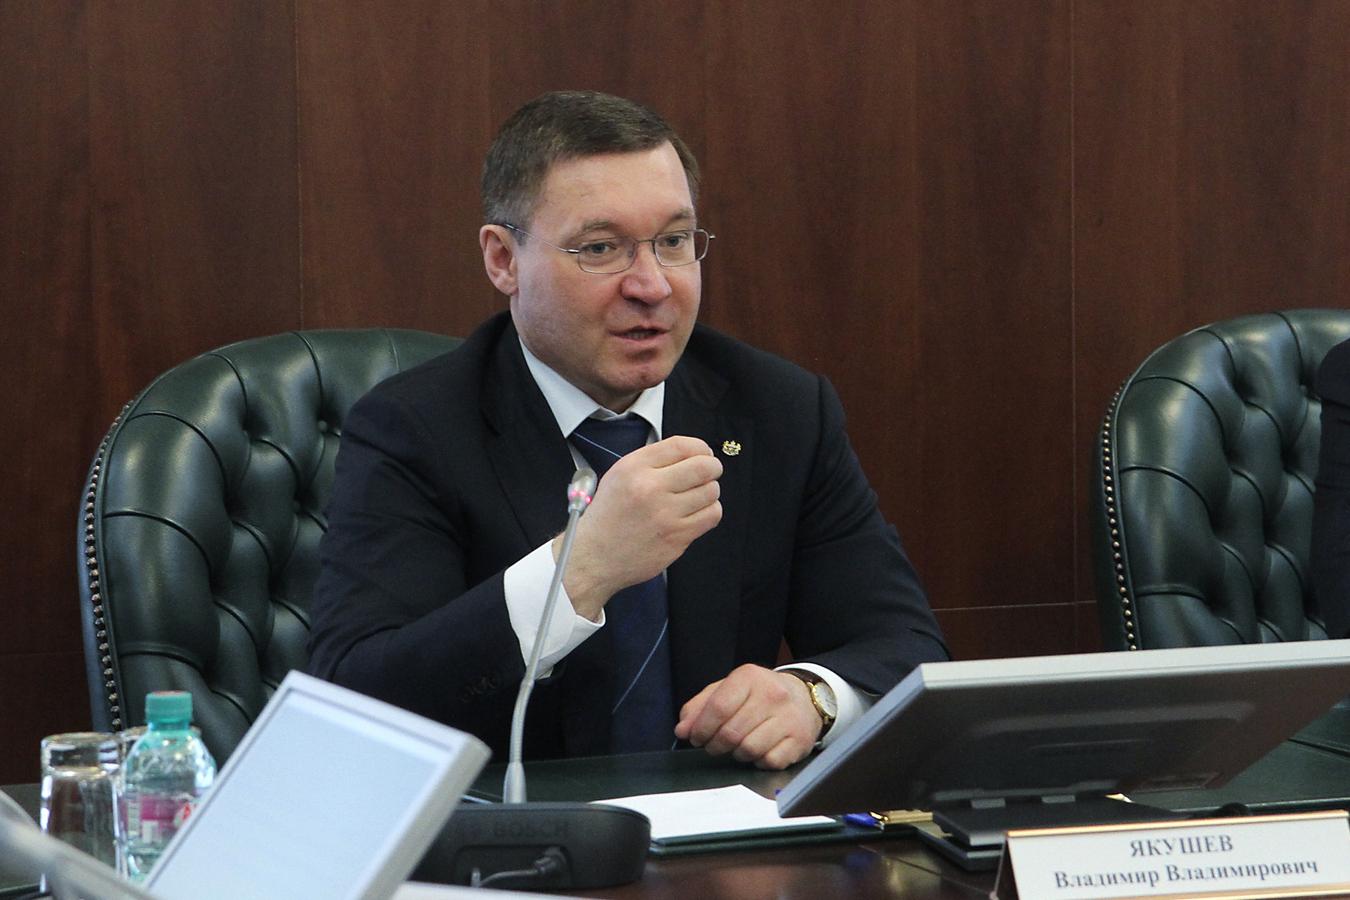 Глава Минстроя России отметил успехи Якутии в развитии умных технологий в ЖКХ